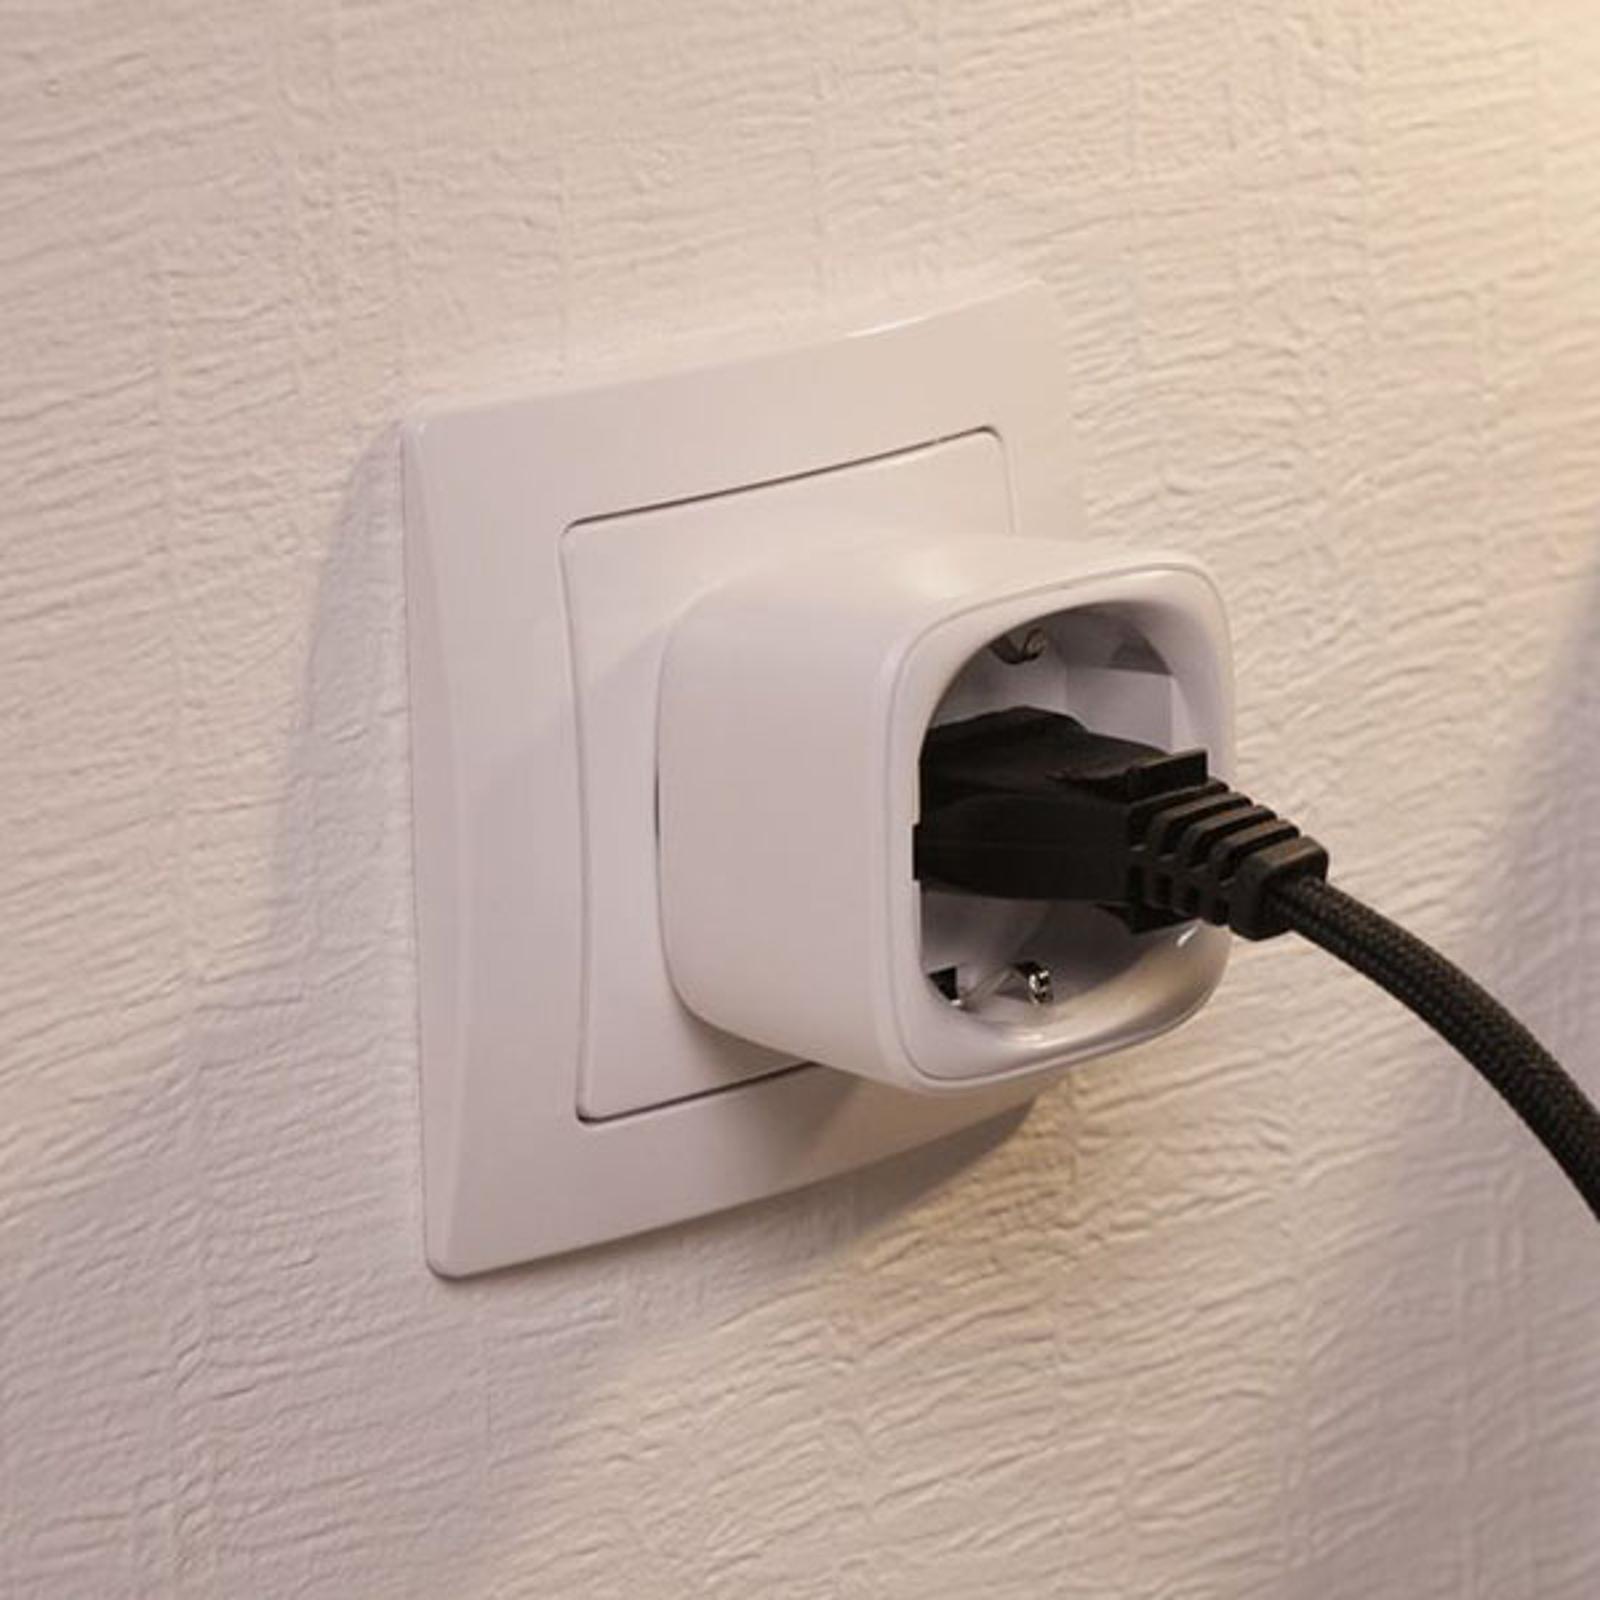 Paulmann ZigBee Smart Plug Zwischenstecker